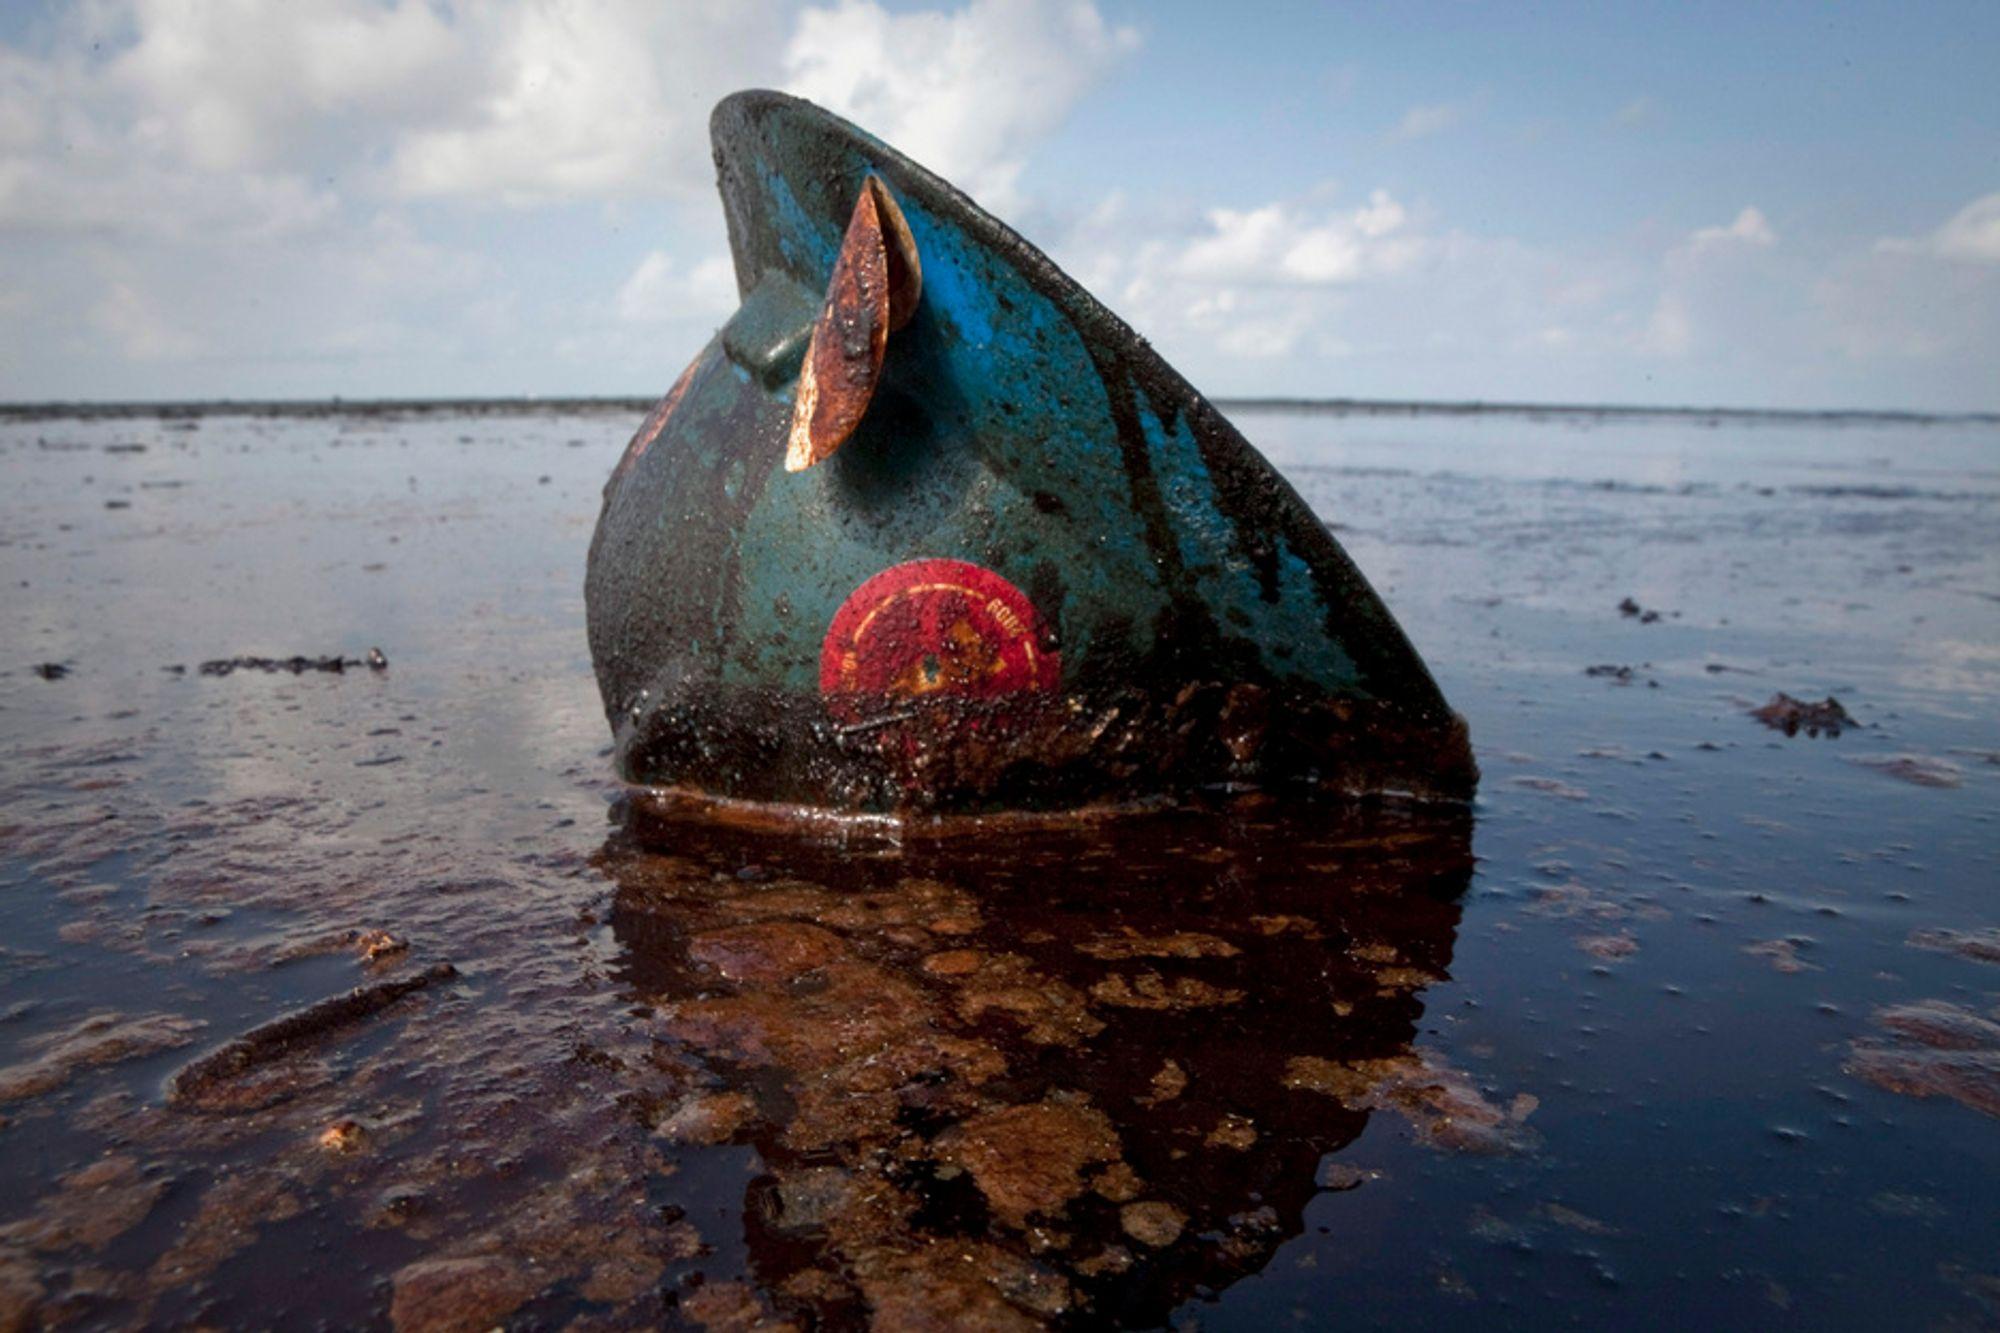 EN HØY PRIS: En hjelm som har tilhørt en oljearbeider, ligger og dupper i oljesølet utenfor kysten av delstaten Louisiana. Utslippet har så langt kostet BP 1,43 milliarder dollar.